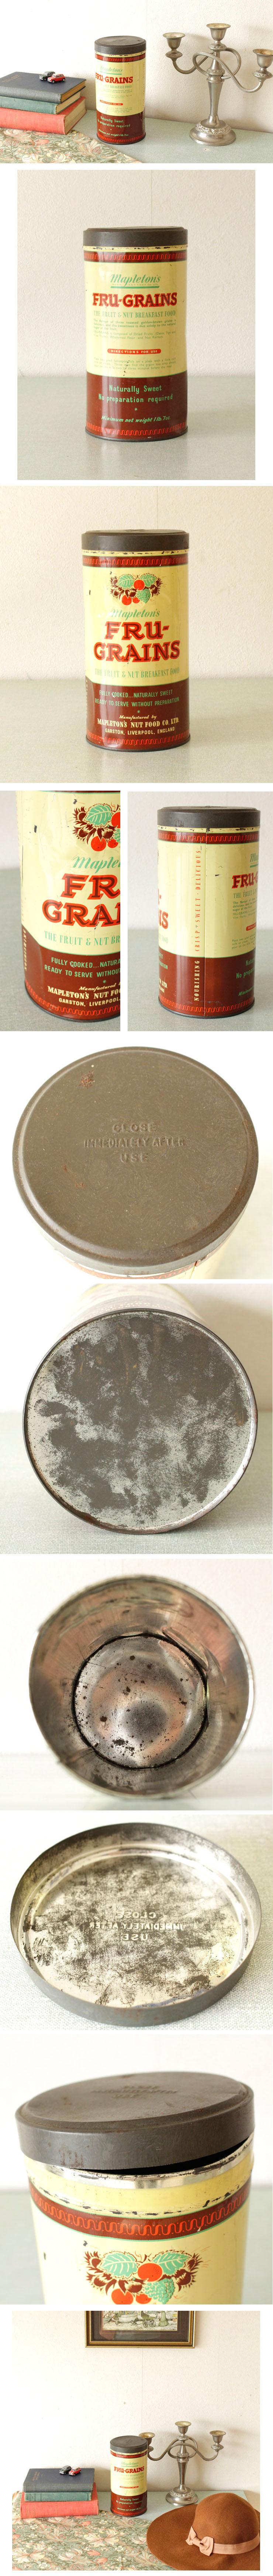 イギリス・缶・ティン・雑貨・シャビー・ブロカント・アンティーク・ビンテージ